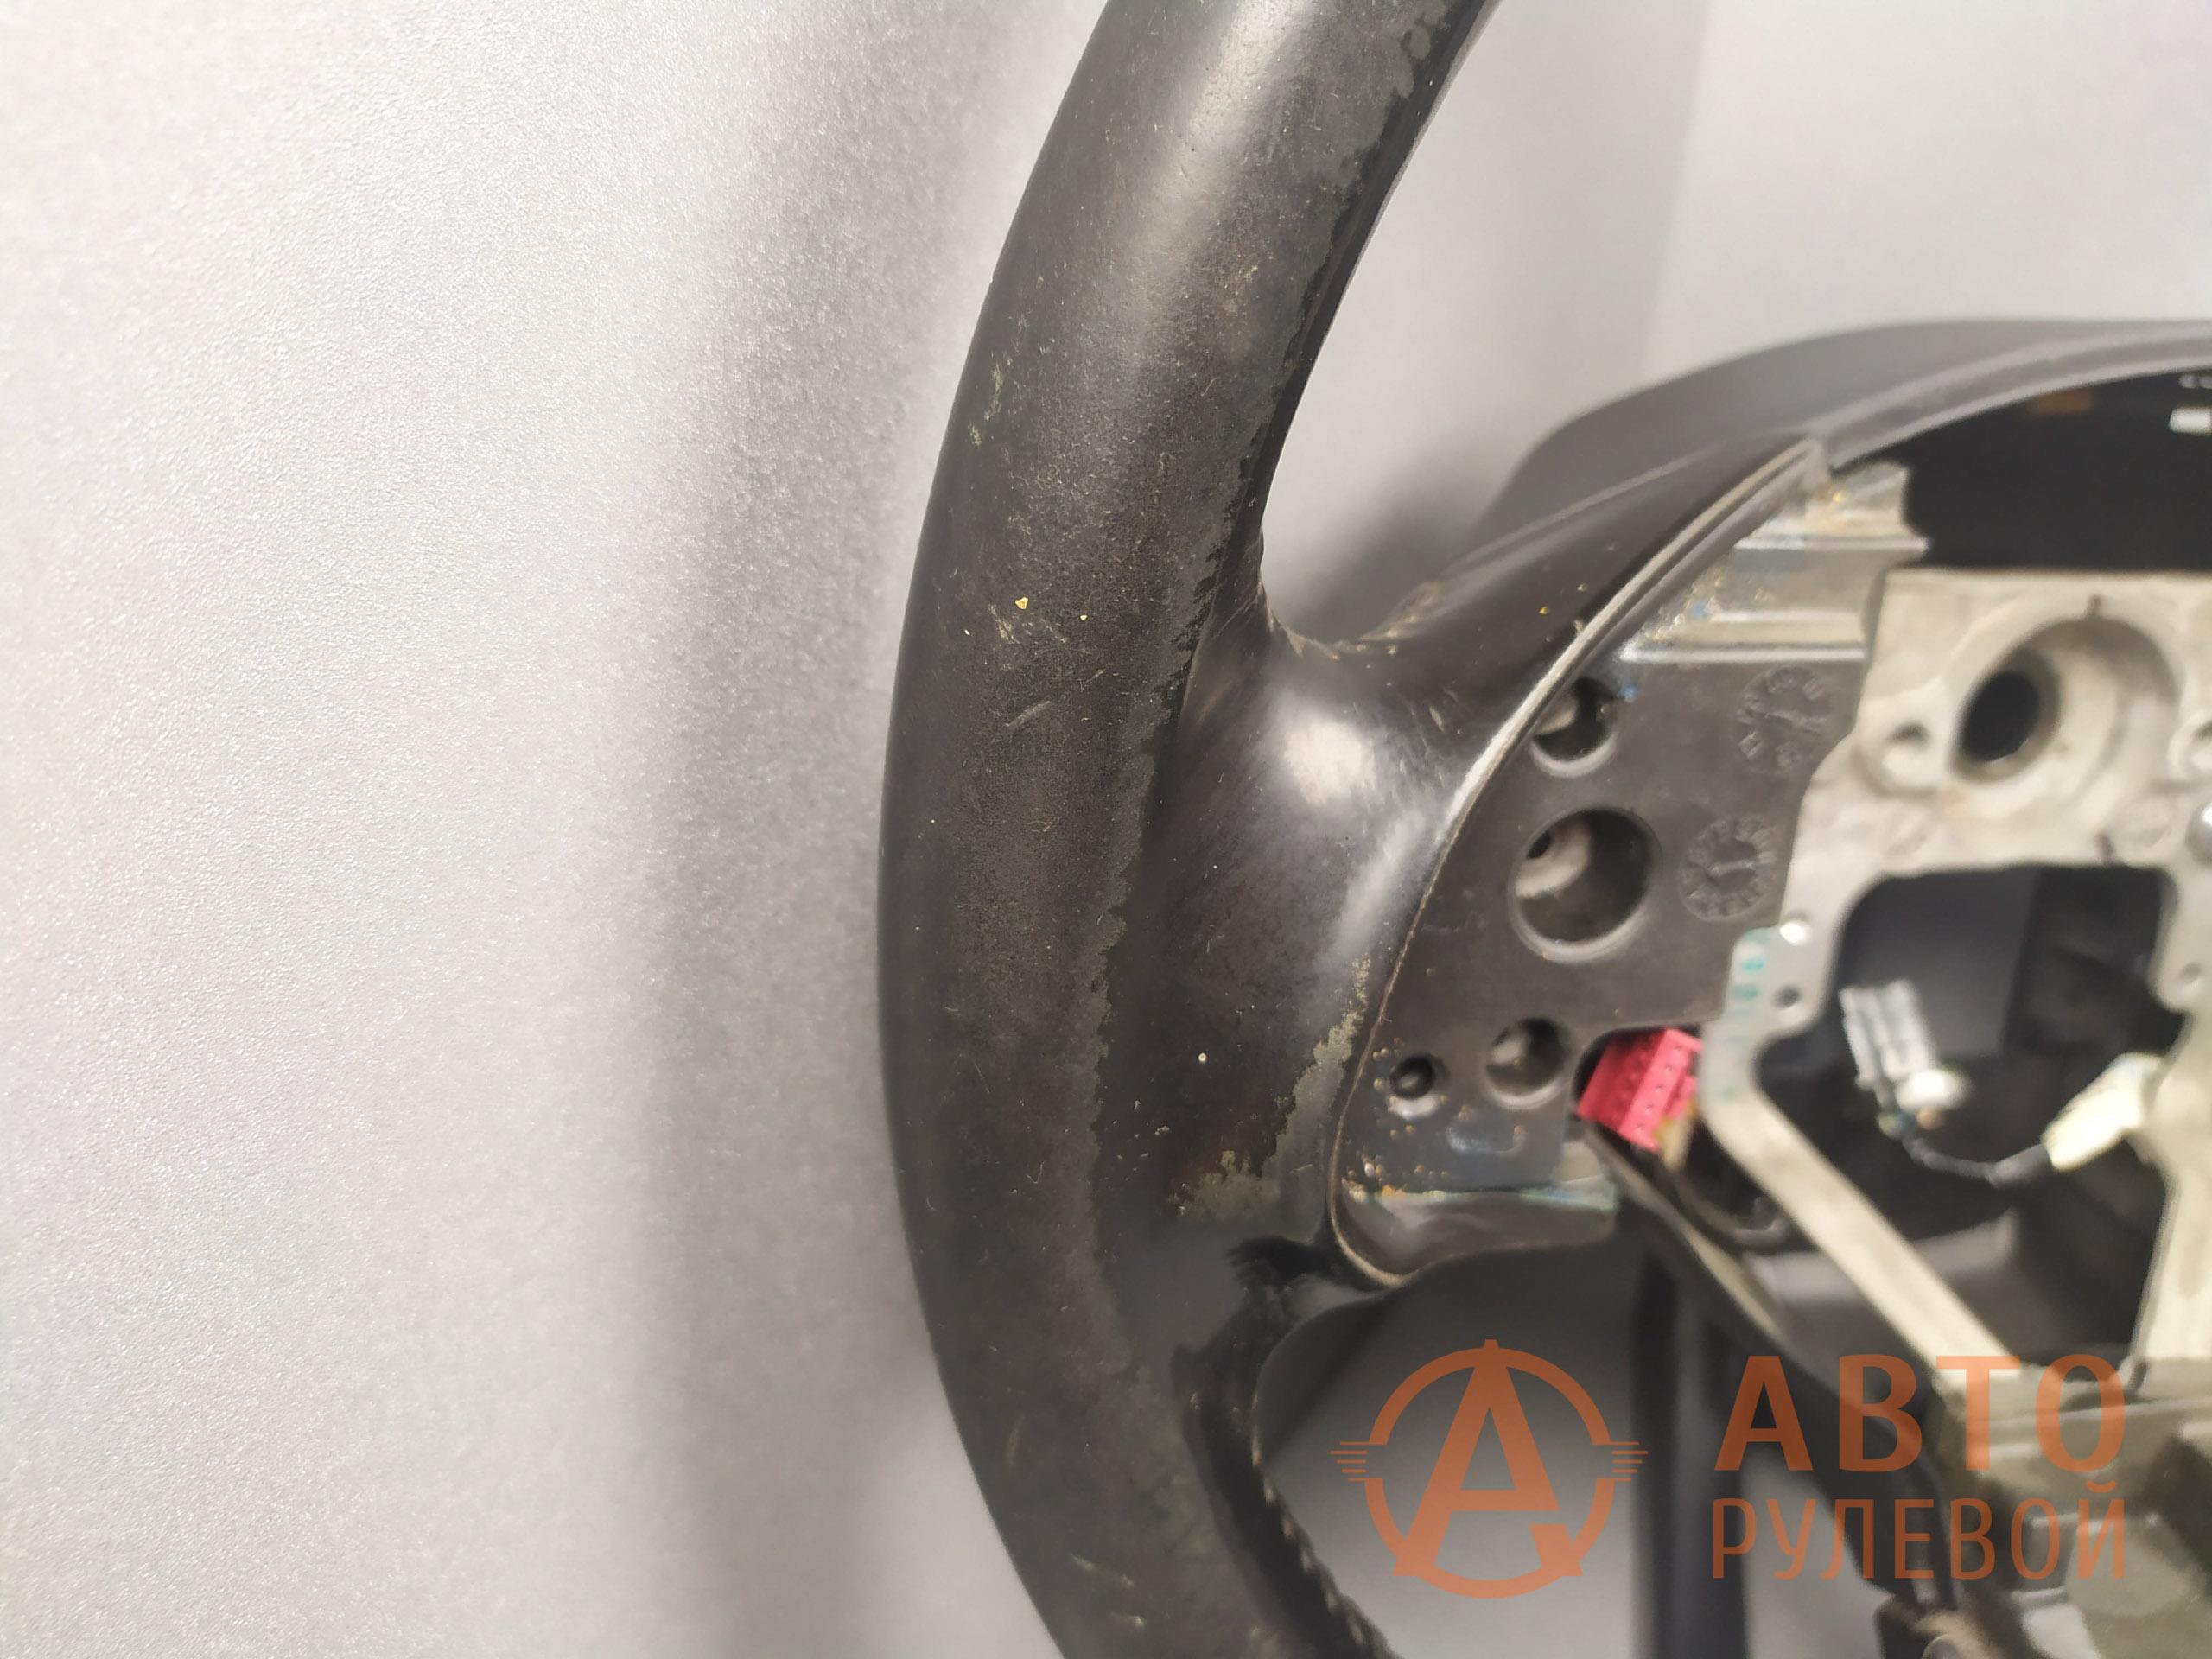 Руль Mitsubishi Outlender 2 поколение рестайлинг 2011 до перетяжки - 3